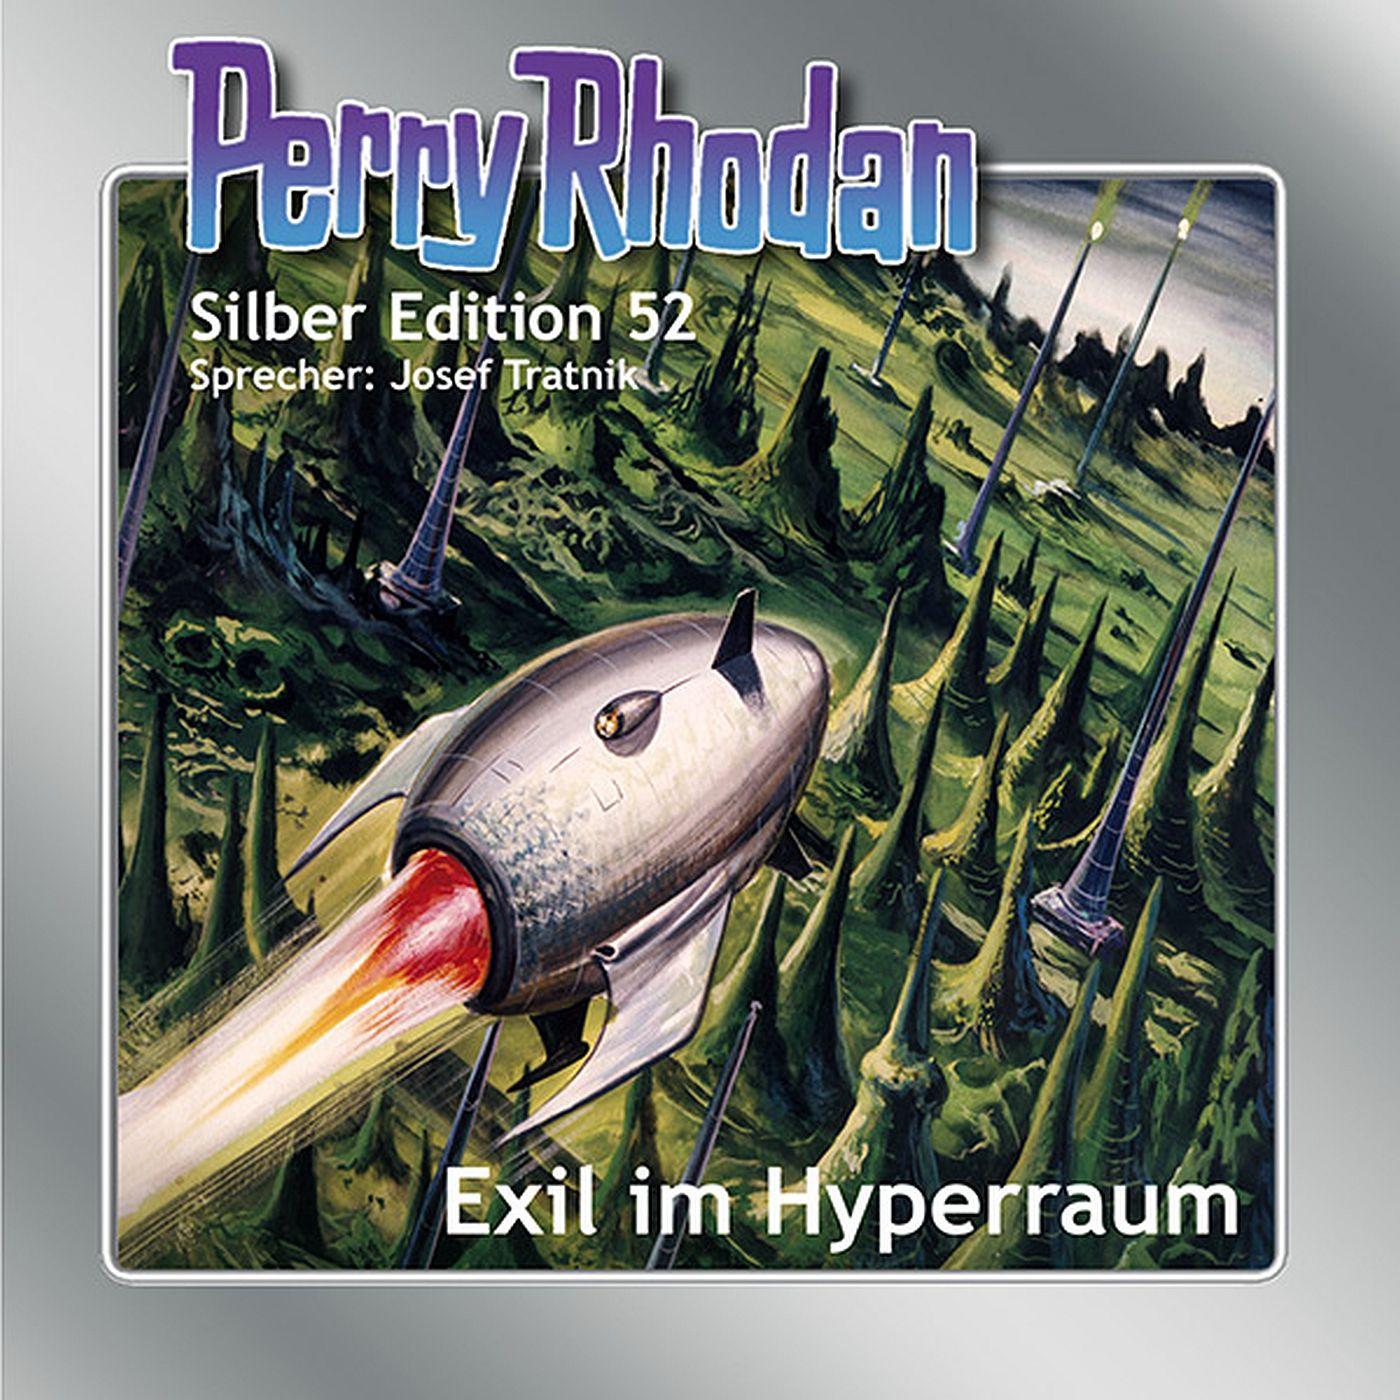 Perry Rhodan Silber Edition 52 Exil im Hyperraum